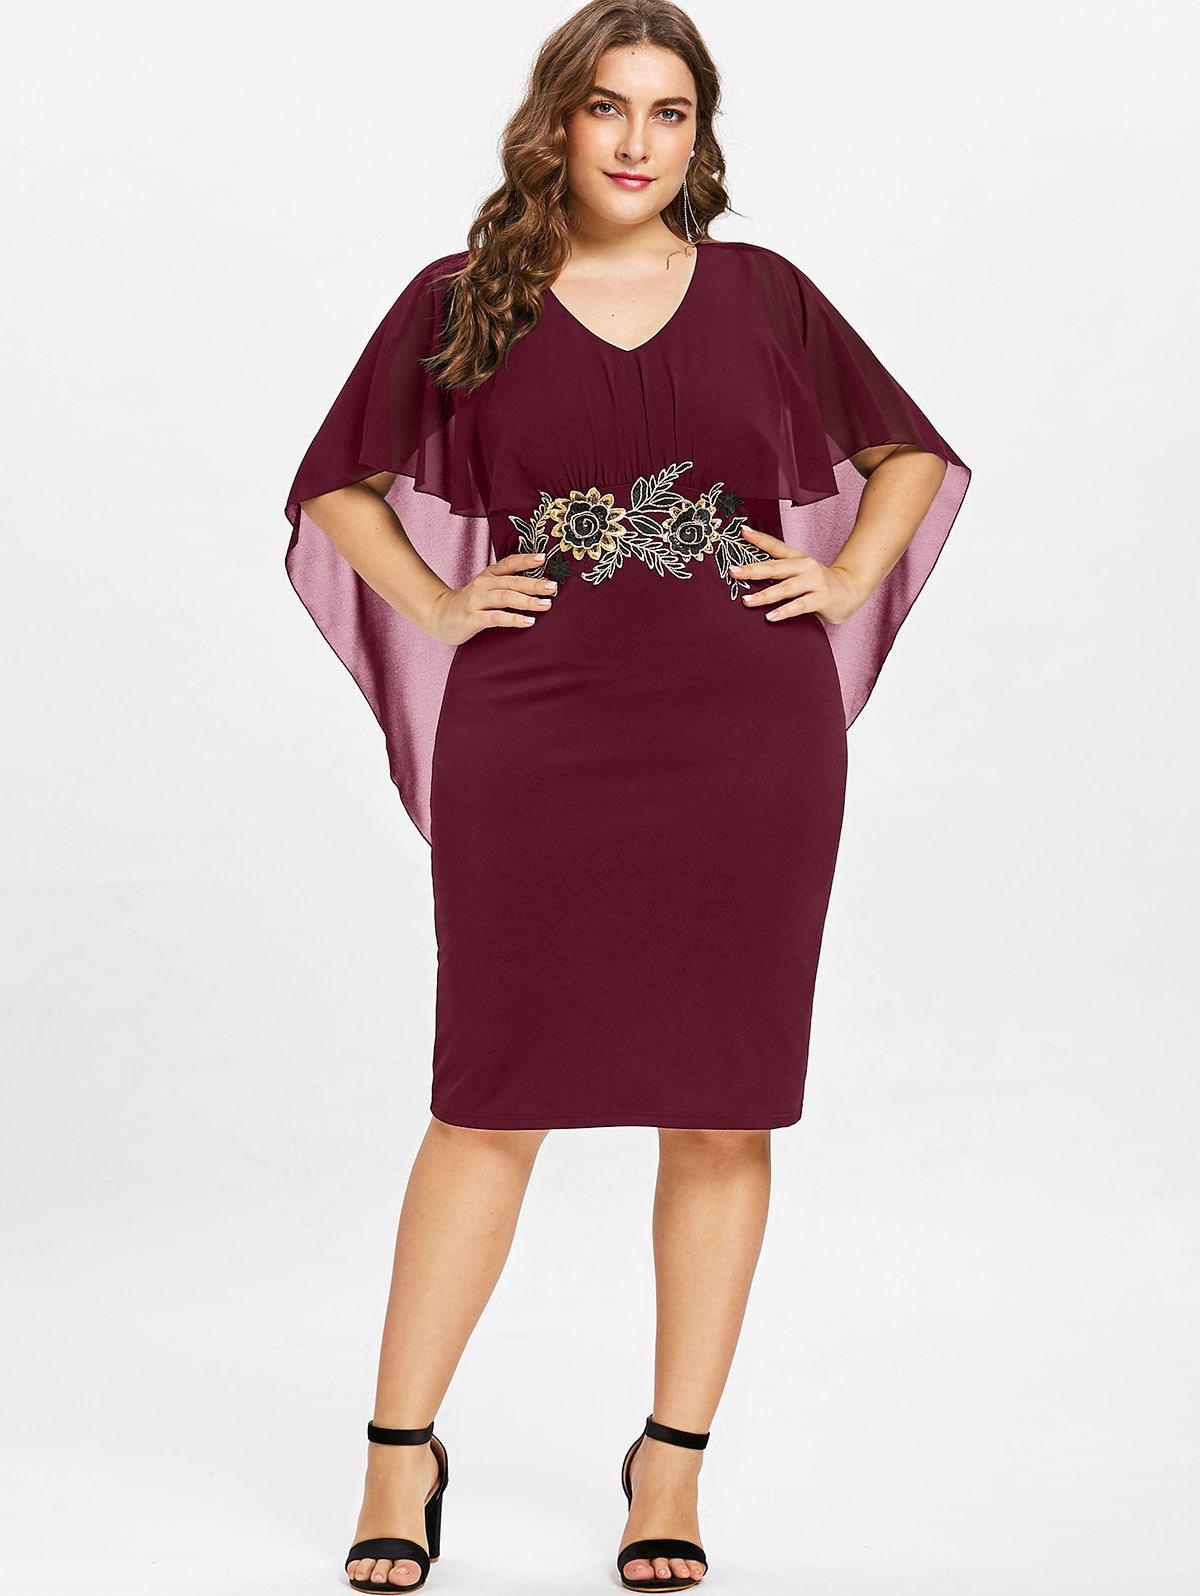 Femmes Fashions Plus La Taille 5xl Broderie Capelet Semi Sheer V Cou Robe De Fête Moitié Manches Robe De Gaine Vestidos Grande Taille designer vêtements